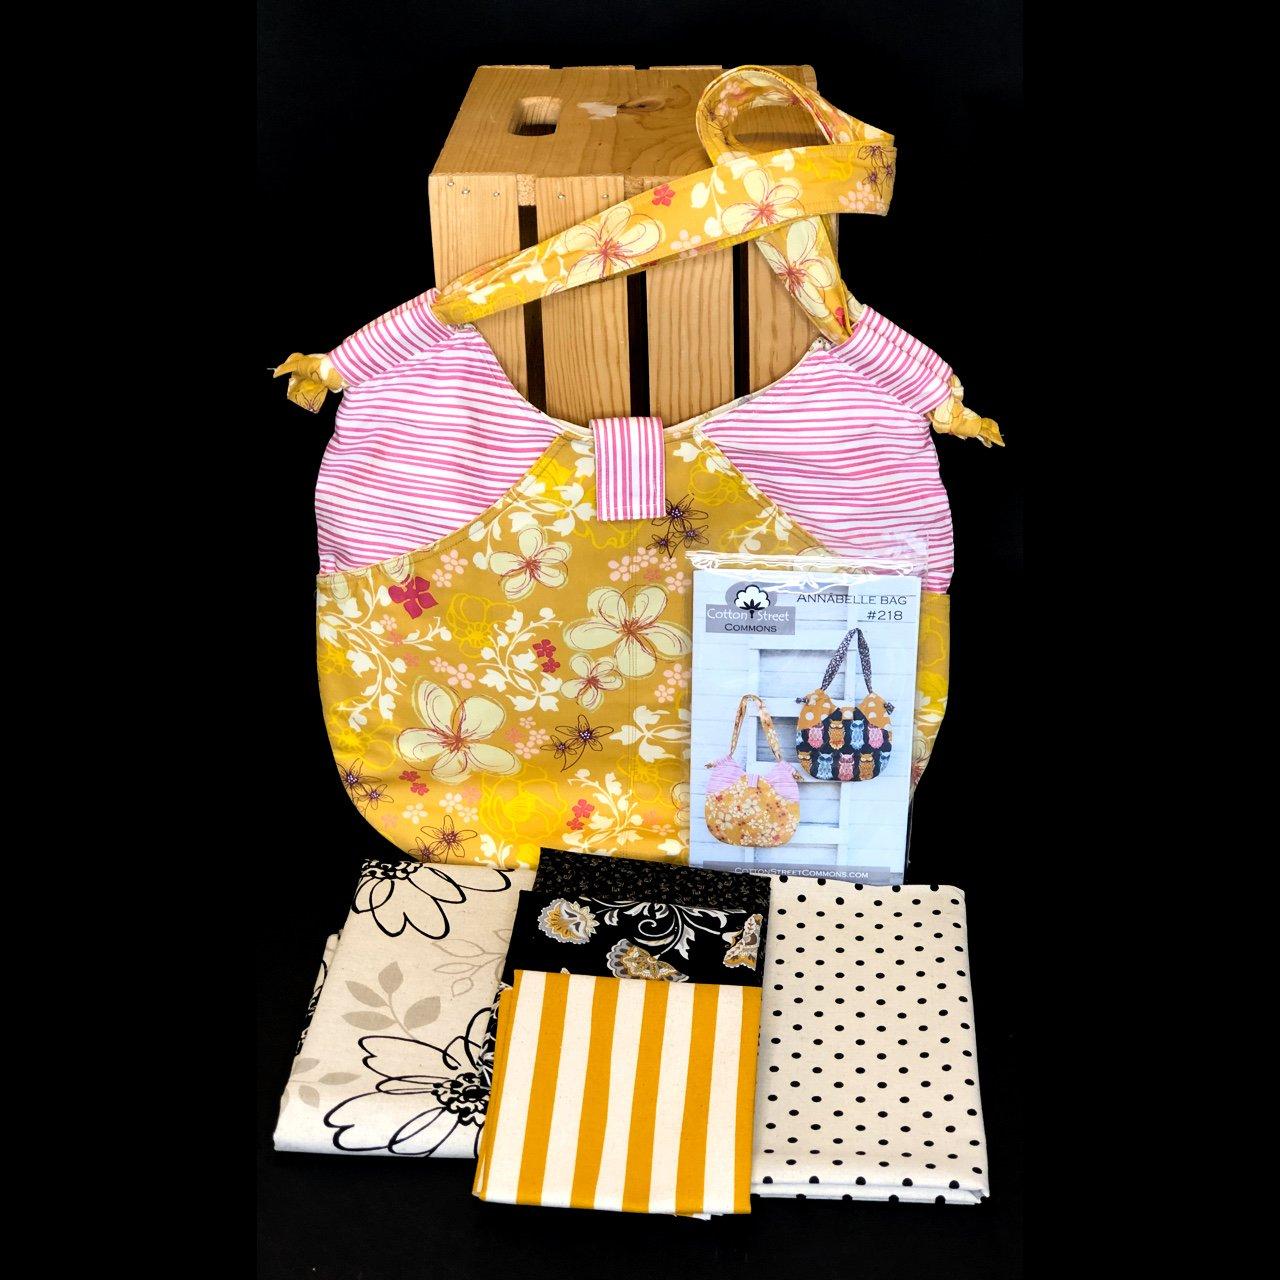 Annabelle Bag - Black Kit